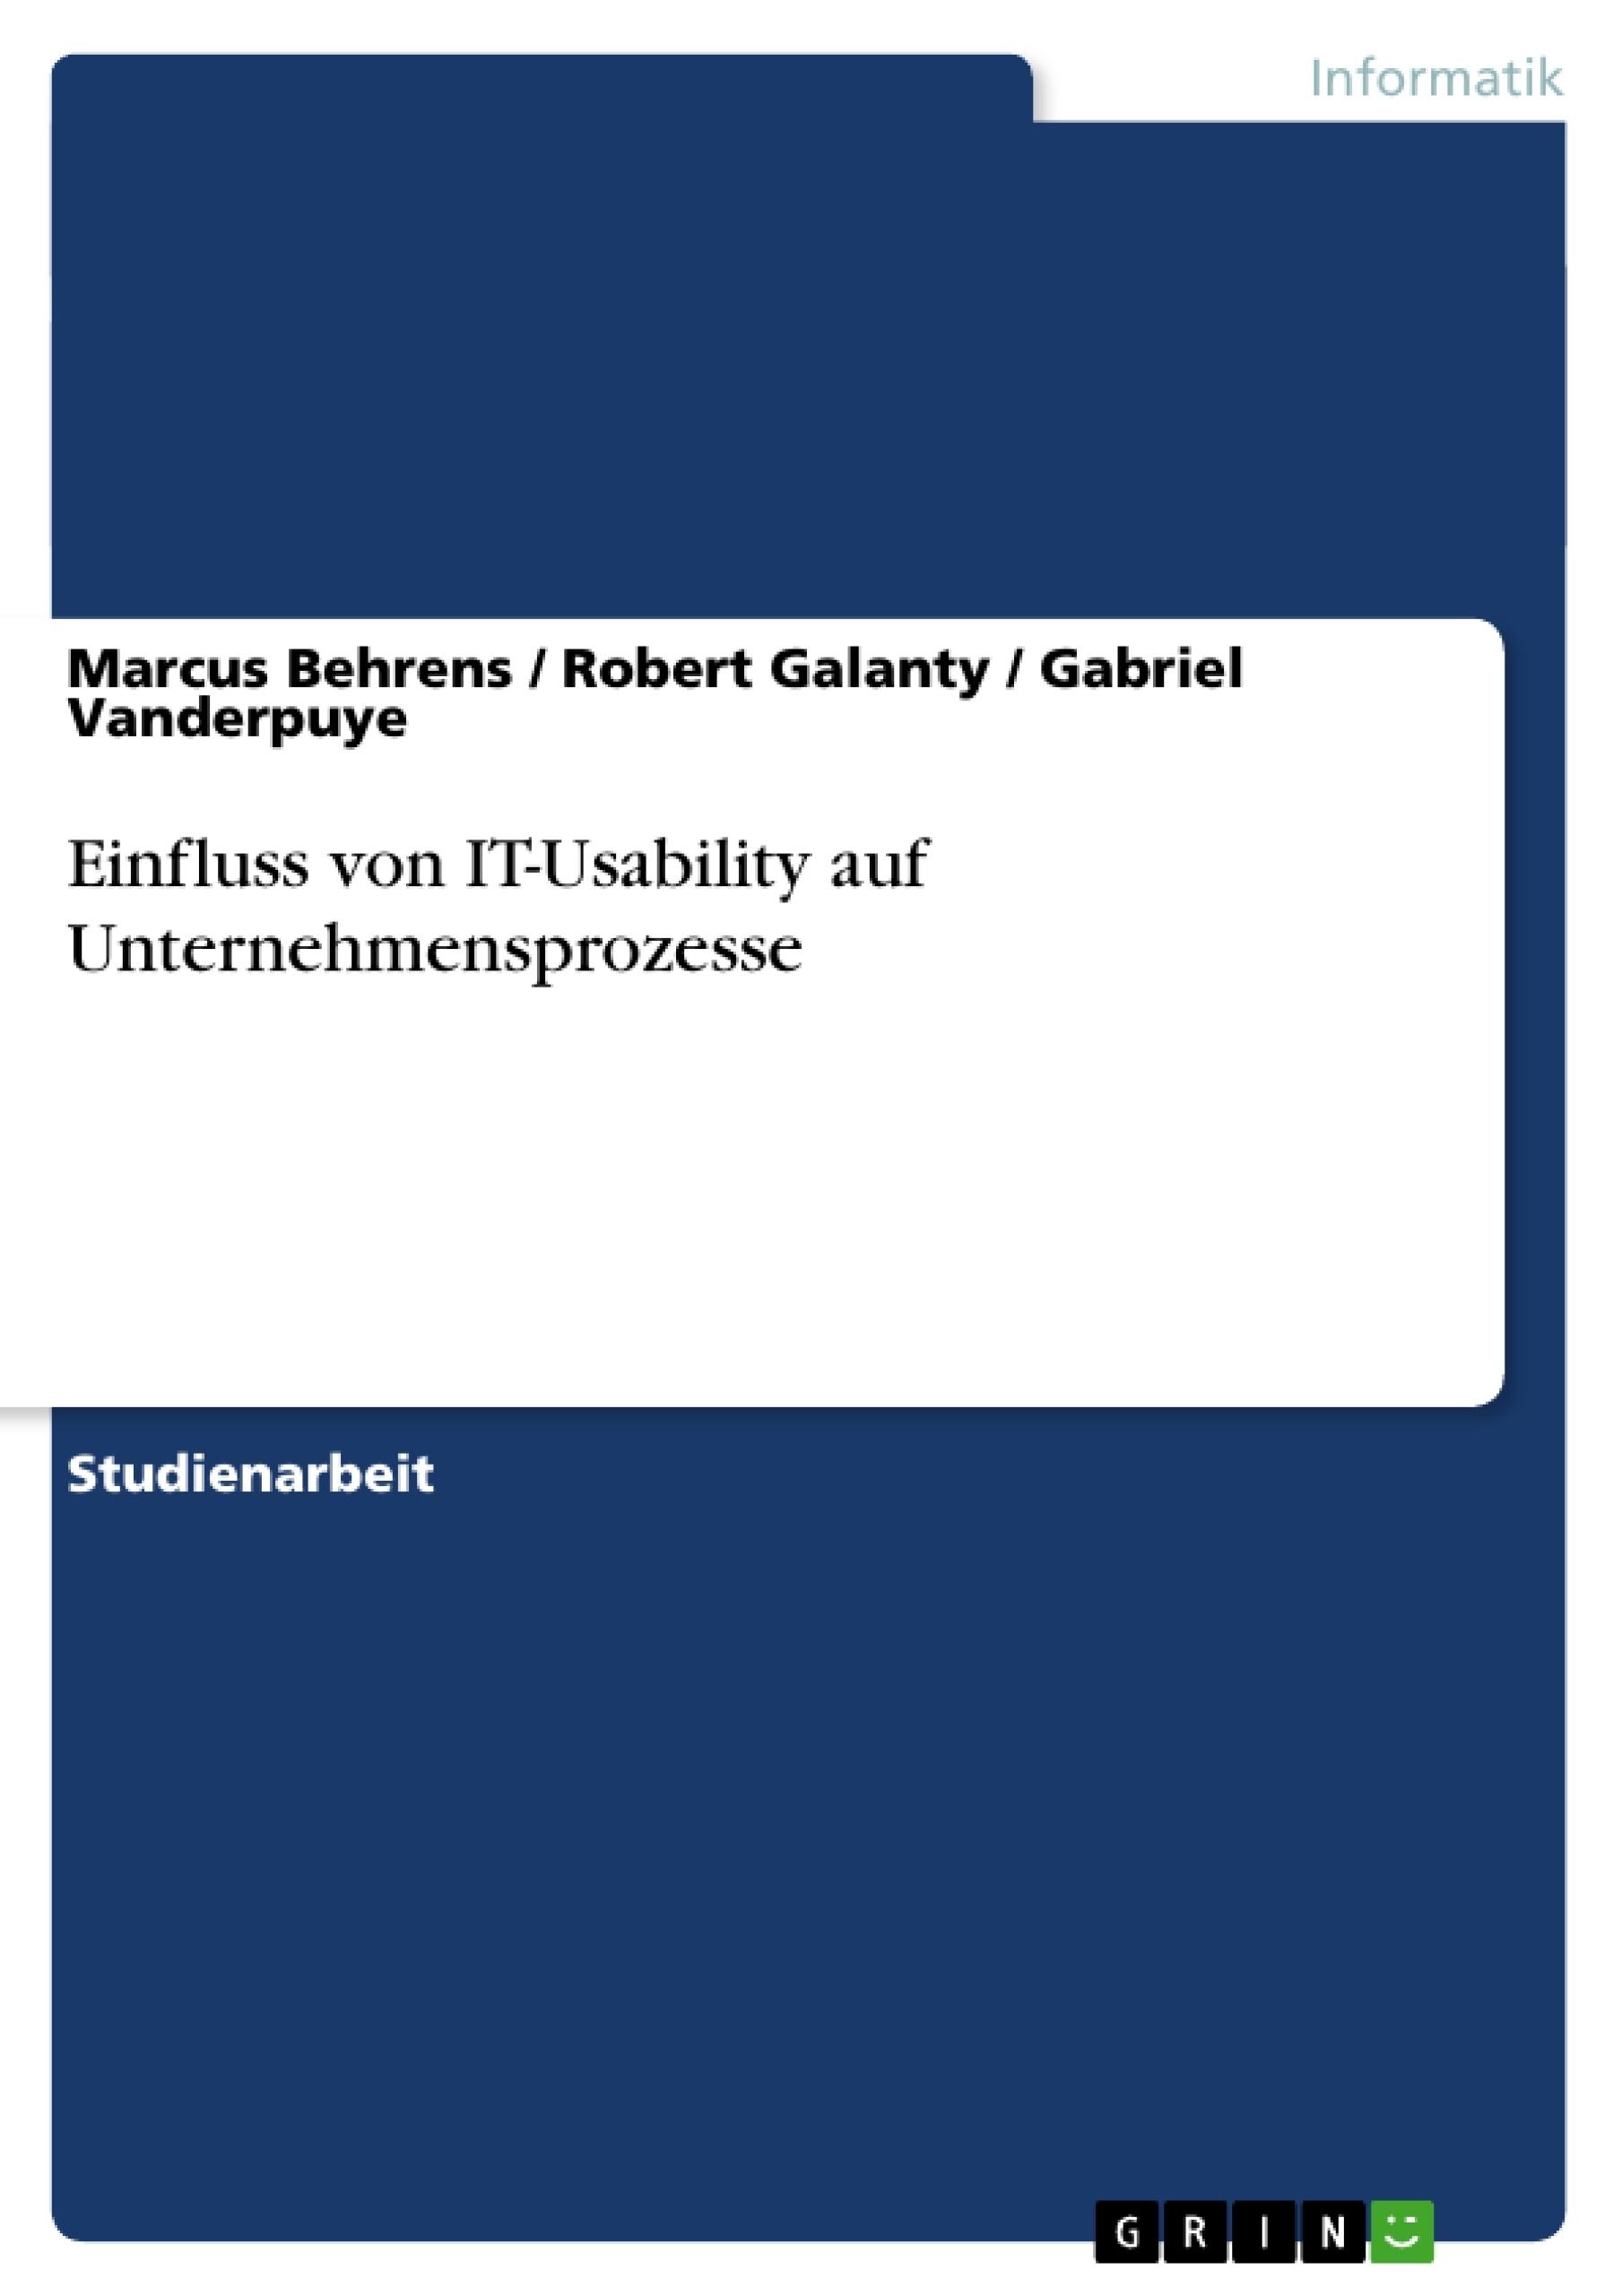 Titel: Einfluss von IT-Usability auf Unternehmensprozesse